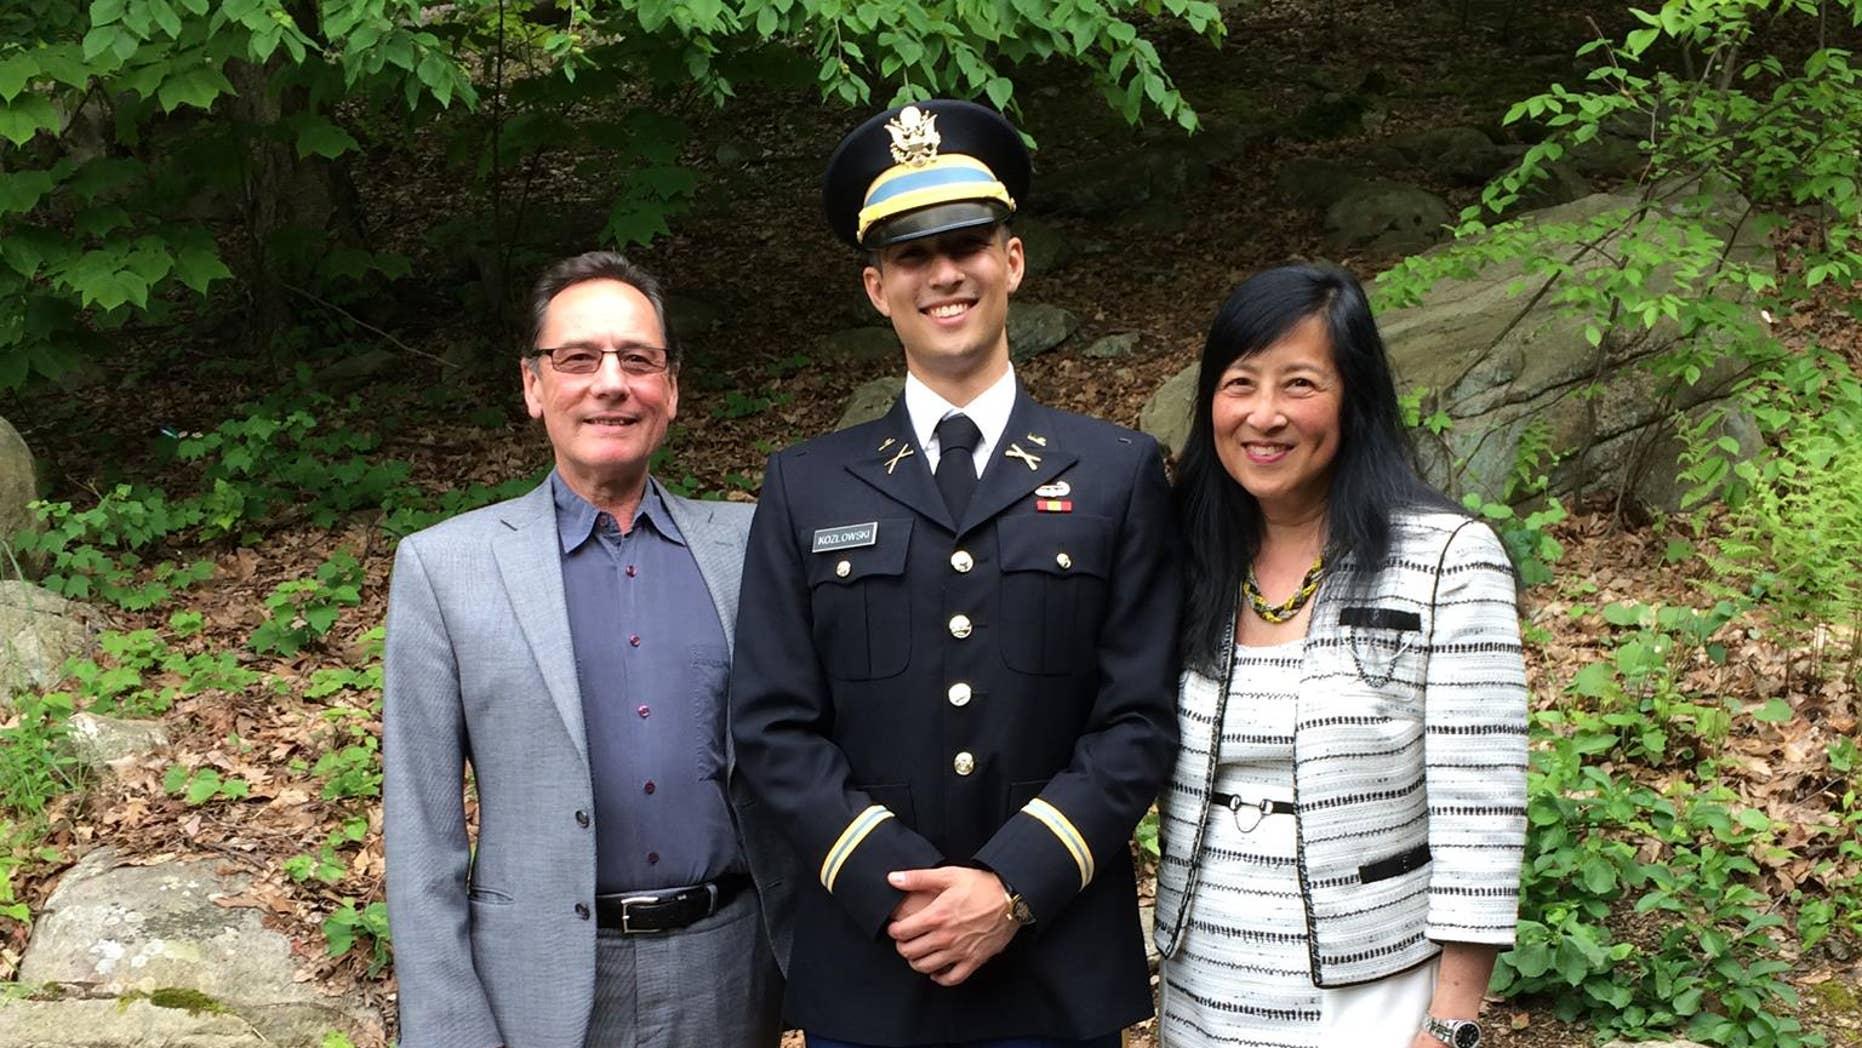 West Point graduate Alexander Kozlowski with father, Dr. Kozlowski and mother, Dr. Chao. (Alex Kozlowski)